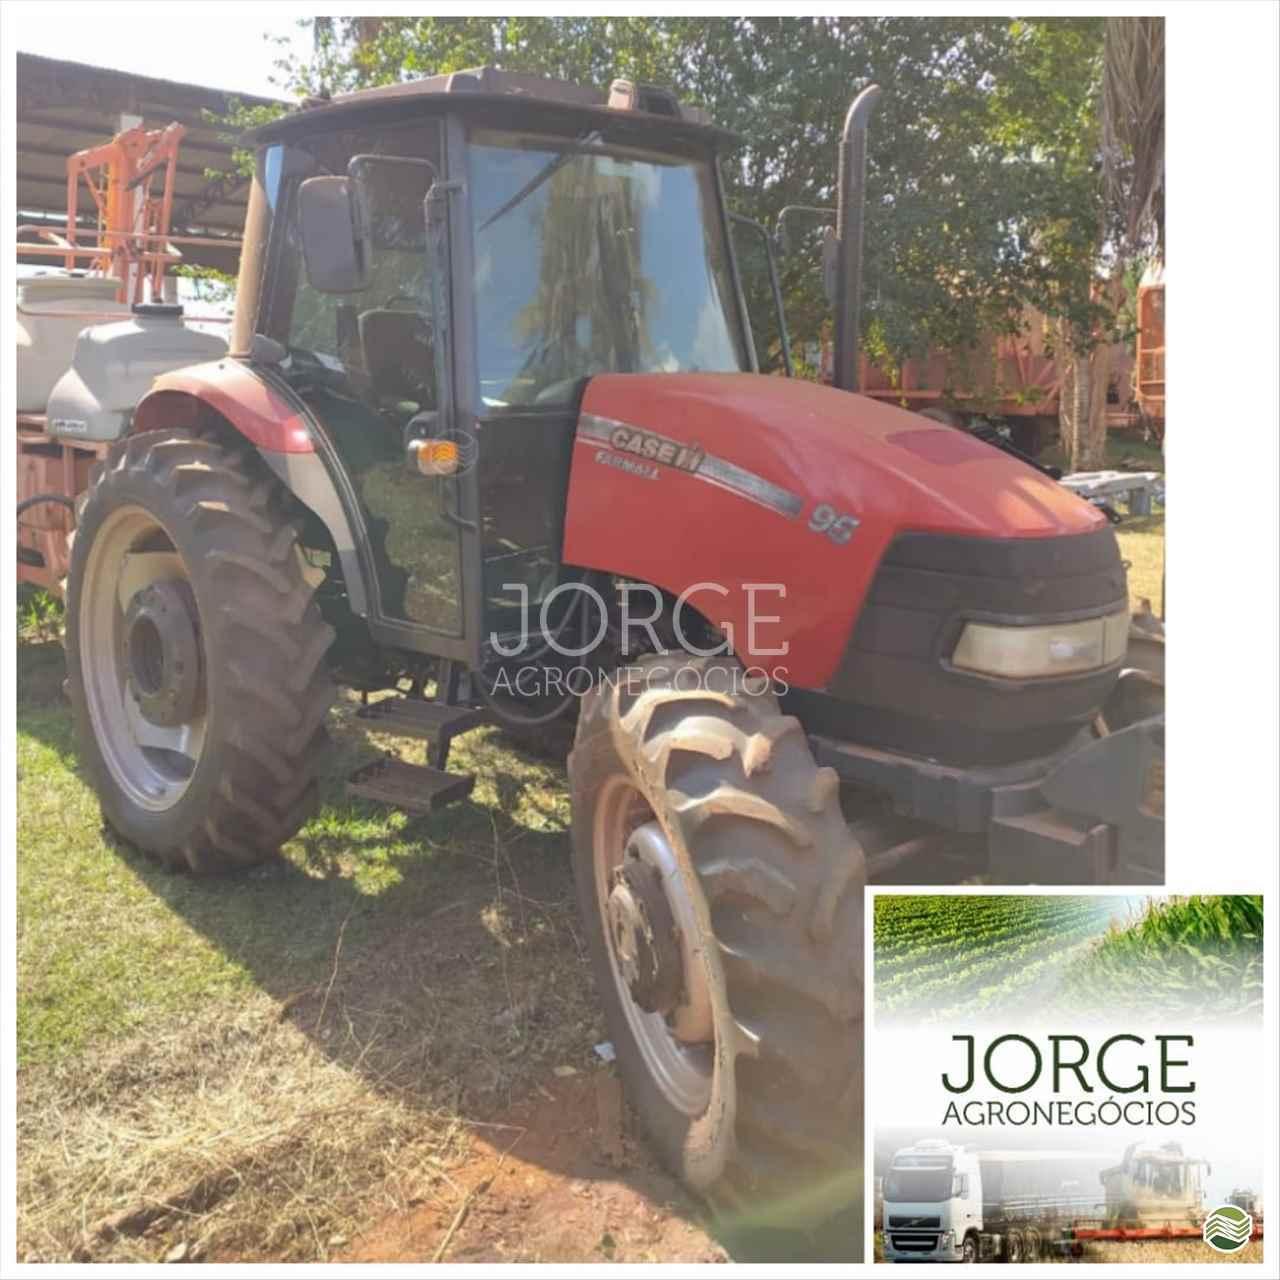 TRATOR CASE CASE Farmall 95 Tração 4x4 Jorge Agronegócios NOVA PONTE MINAS GERAIS MG